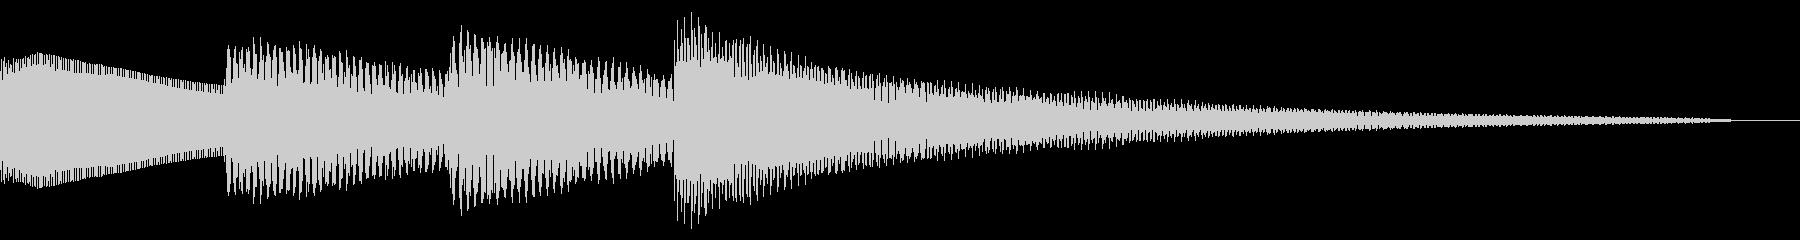 ピンポンパンポン/お知らせ/チャイムの未再生の波形